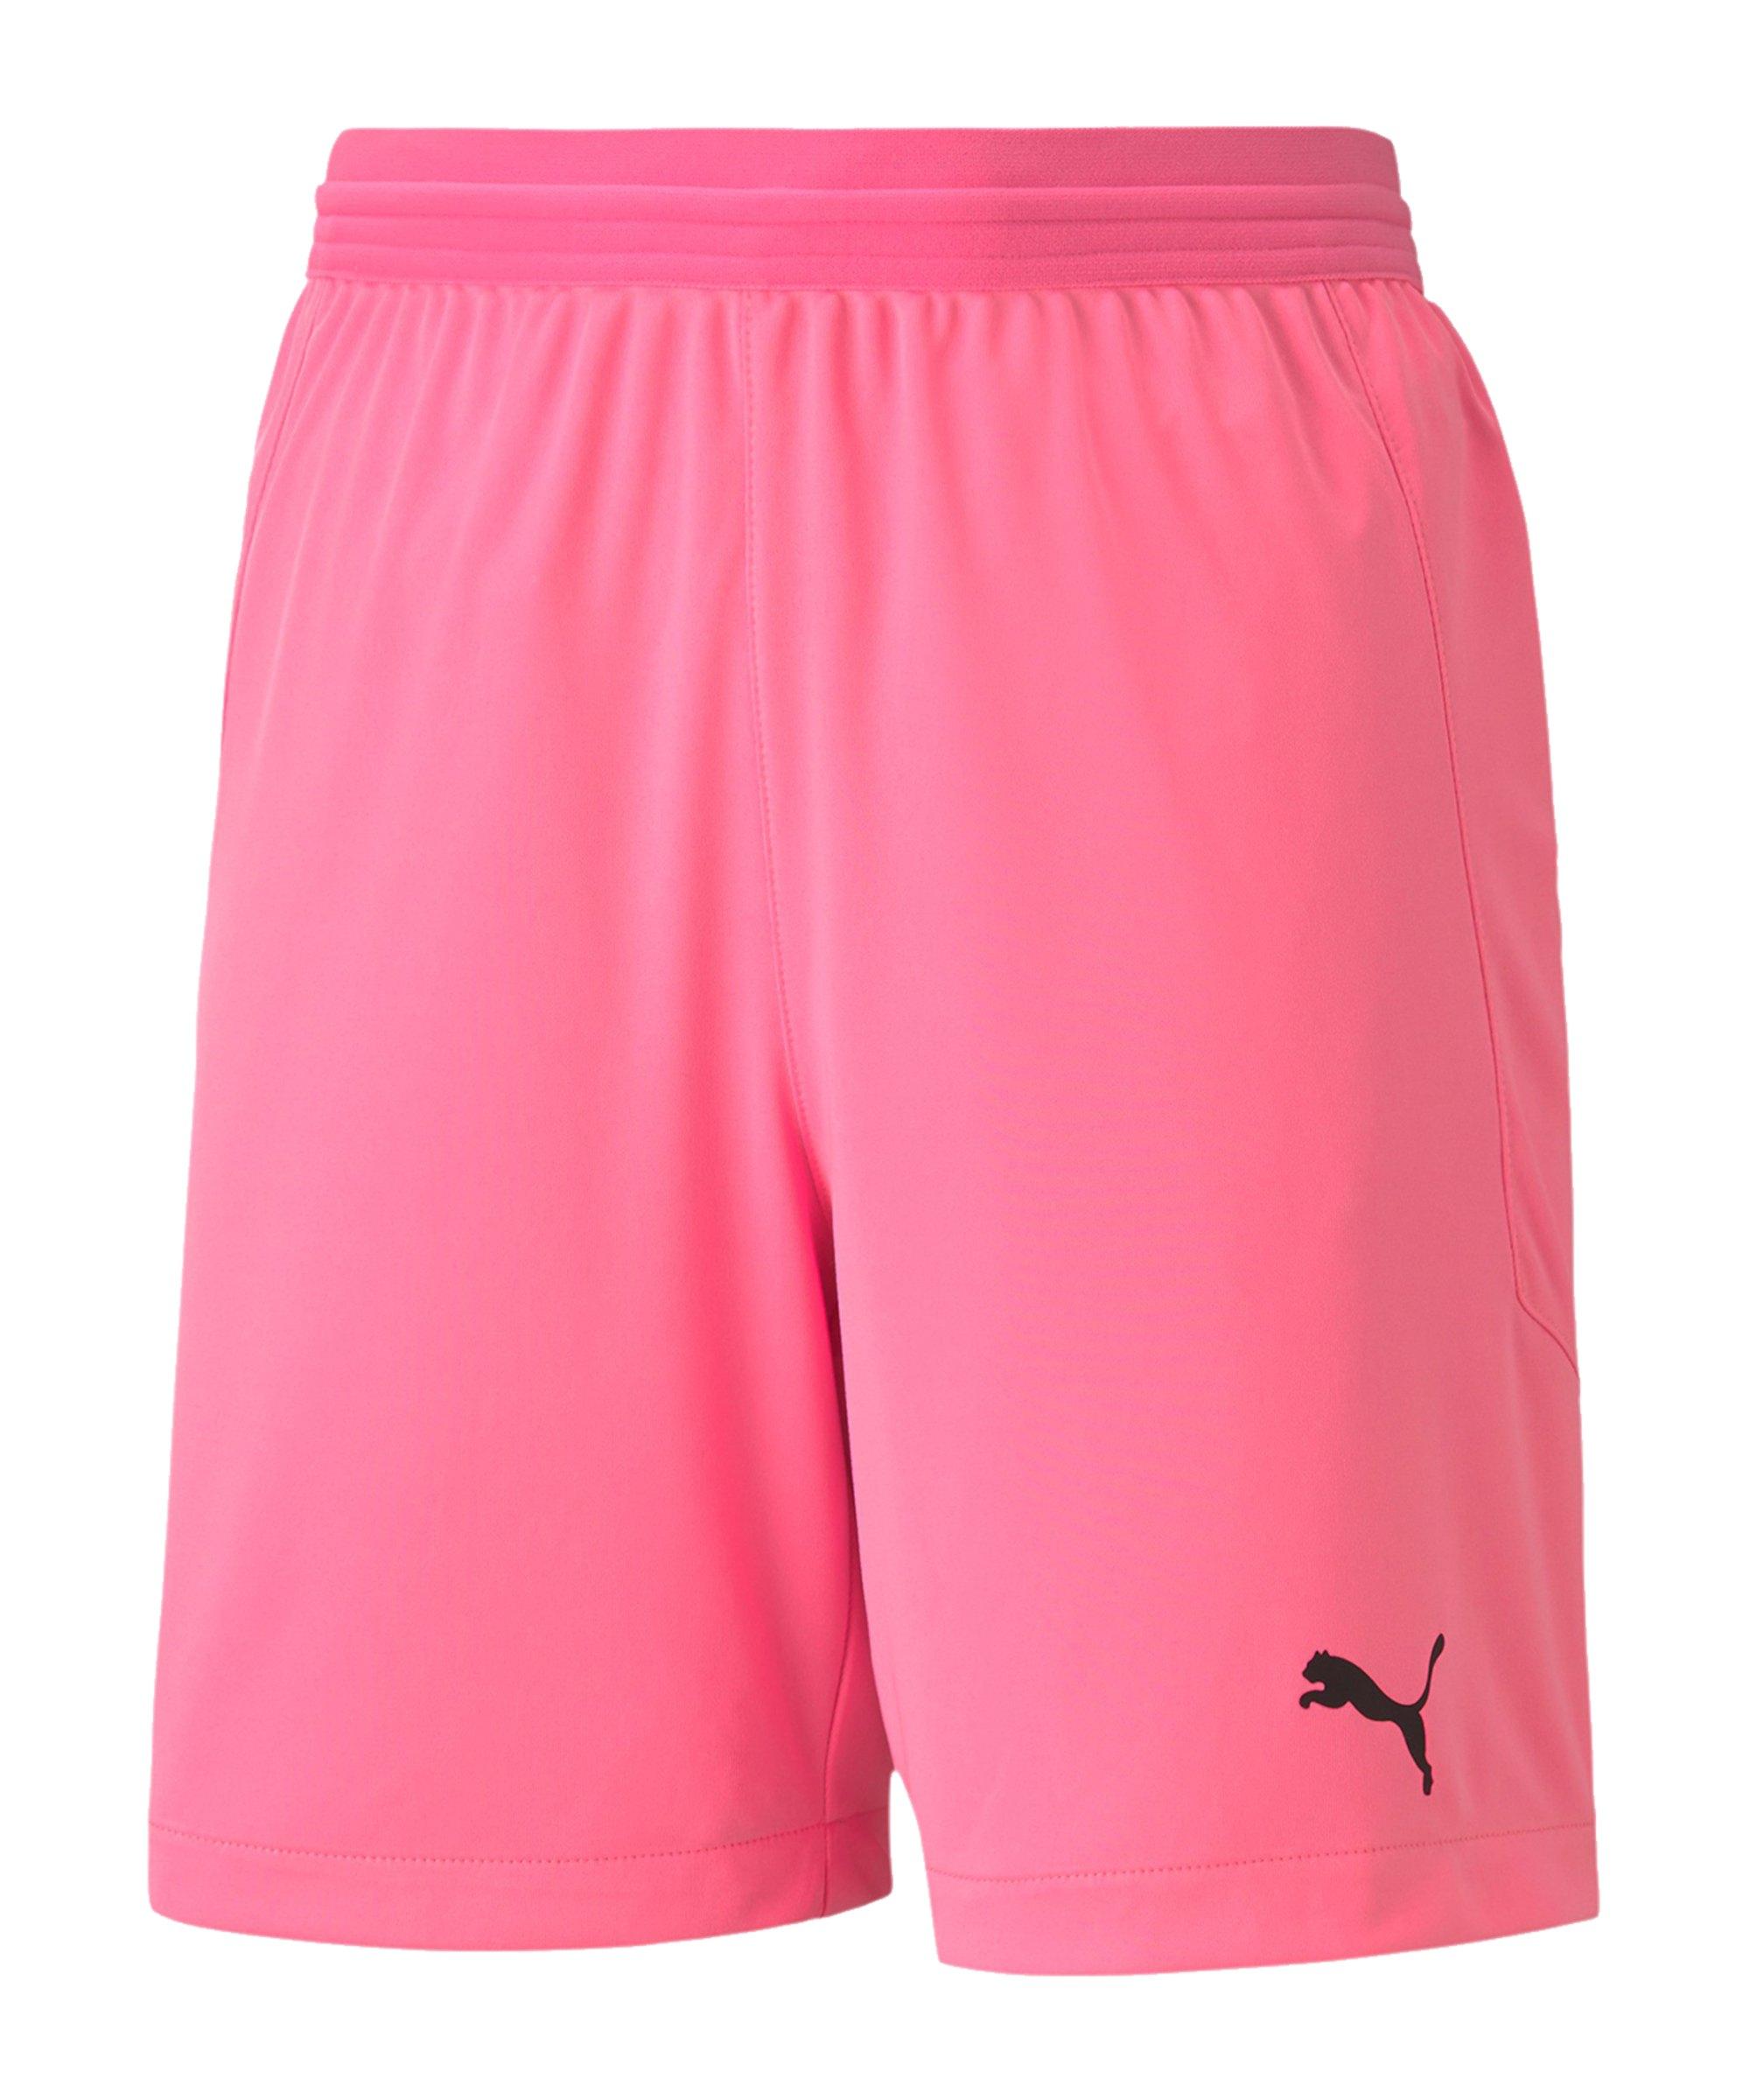 PUMA teamFINAL 21 Knit Short Kids Pink F22 - pink